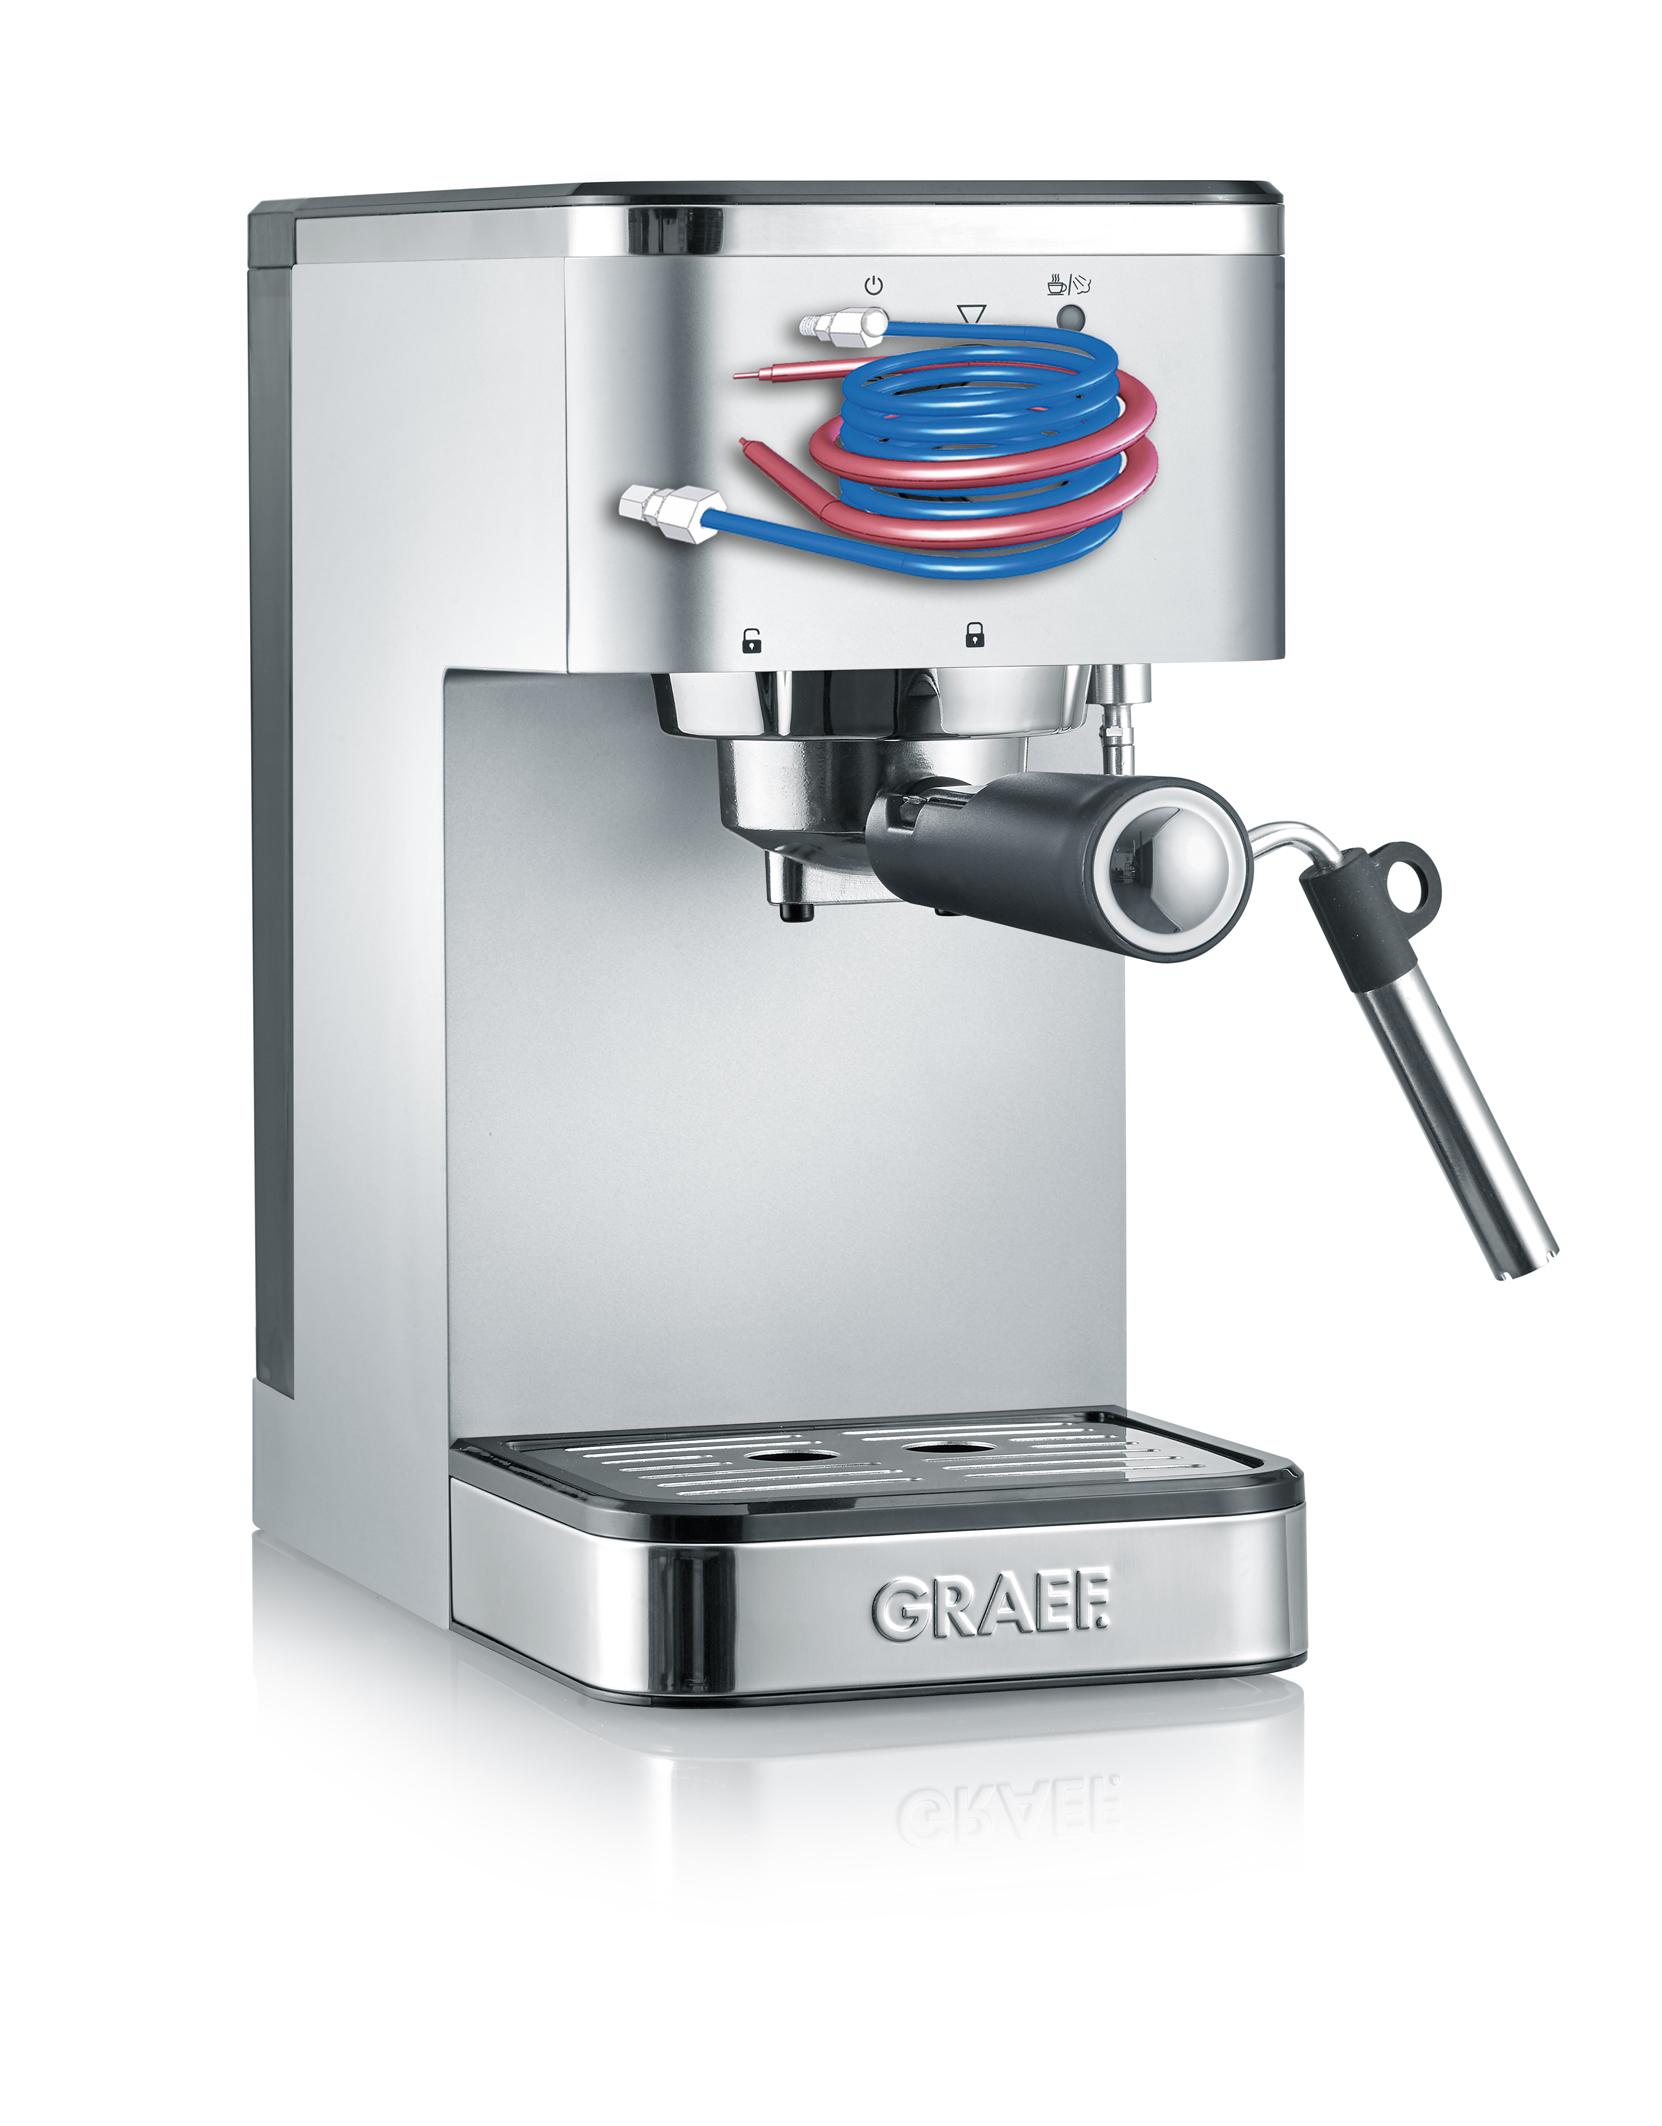 GRAEF Siebträger-Espressomaschine salita ES400